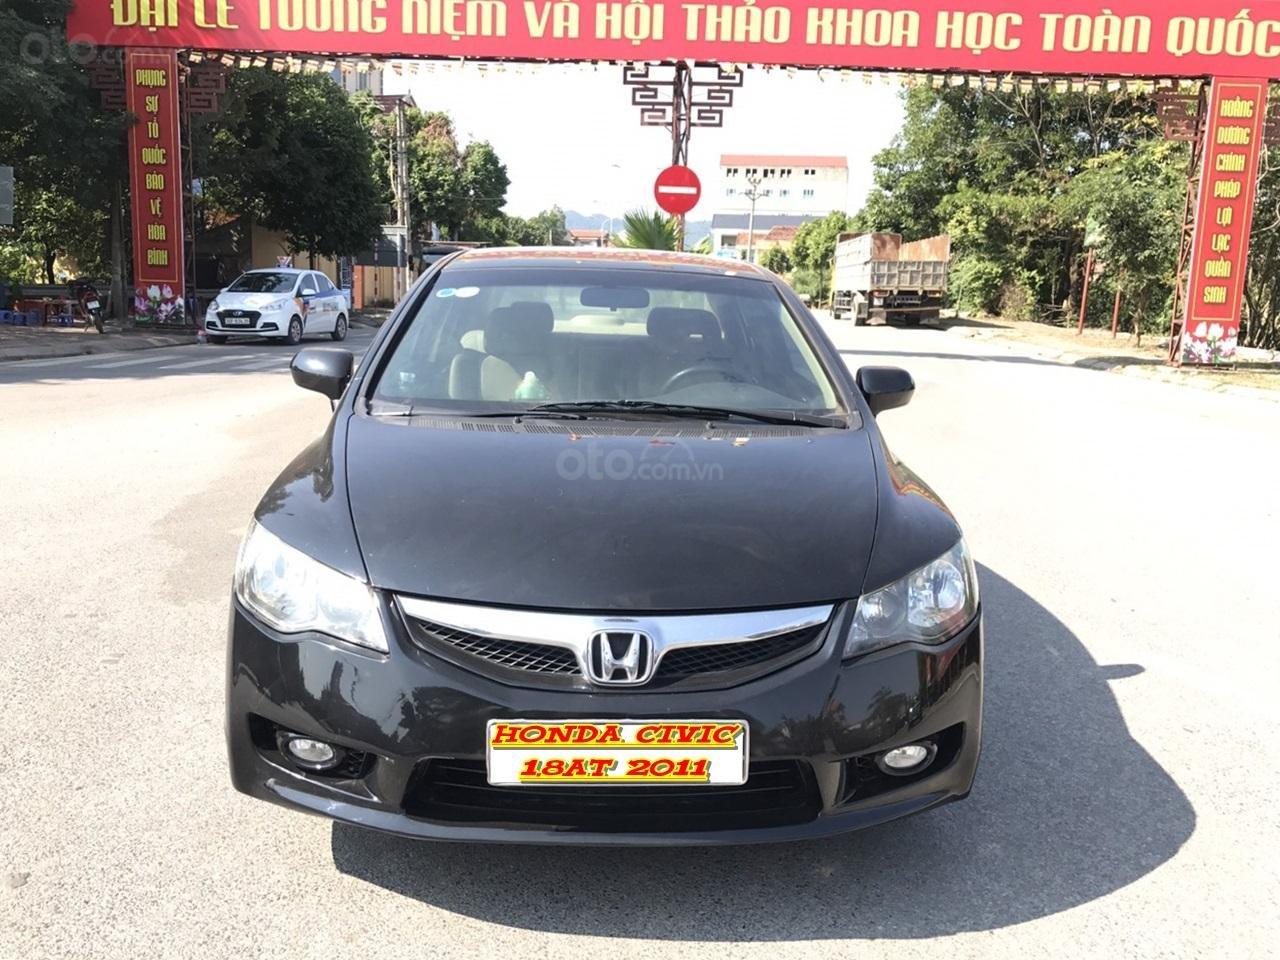 Bán xe Honda Civic 1.8 VTI AT năm sản xuất 2011, màu đen, lỗi biếu xe, mới thật (1)